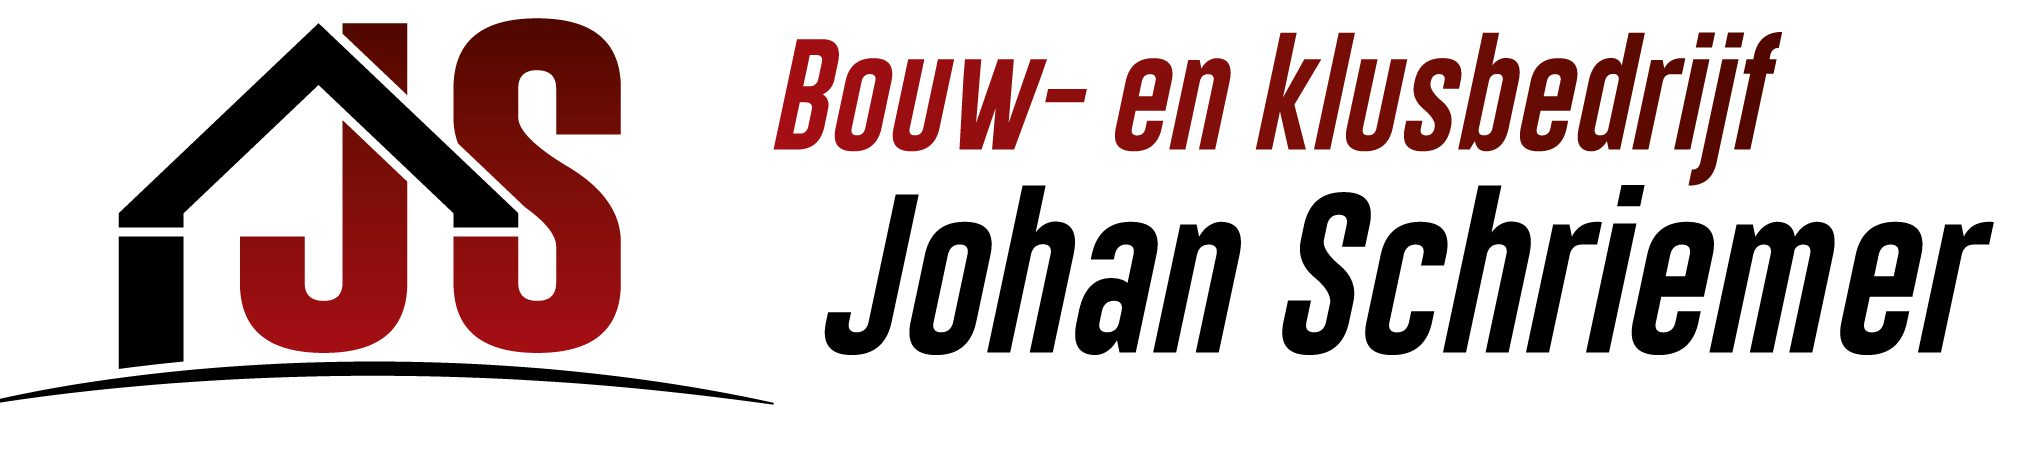 Bouw- en klusbedrijf Johan Schriemer